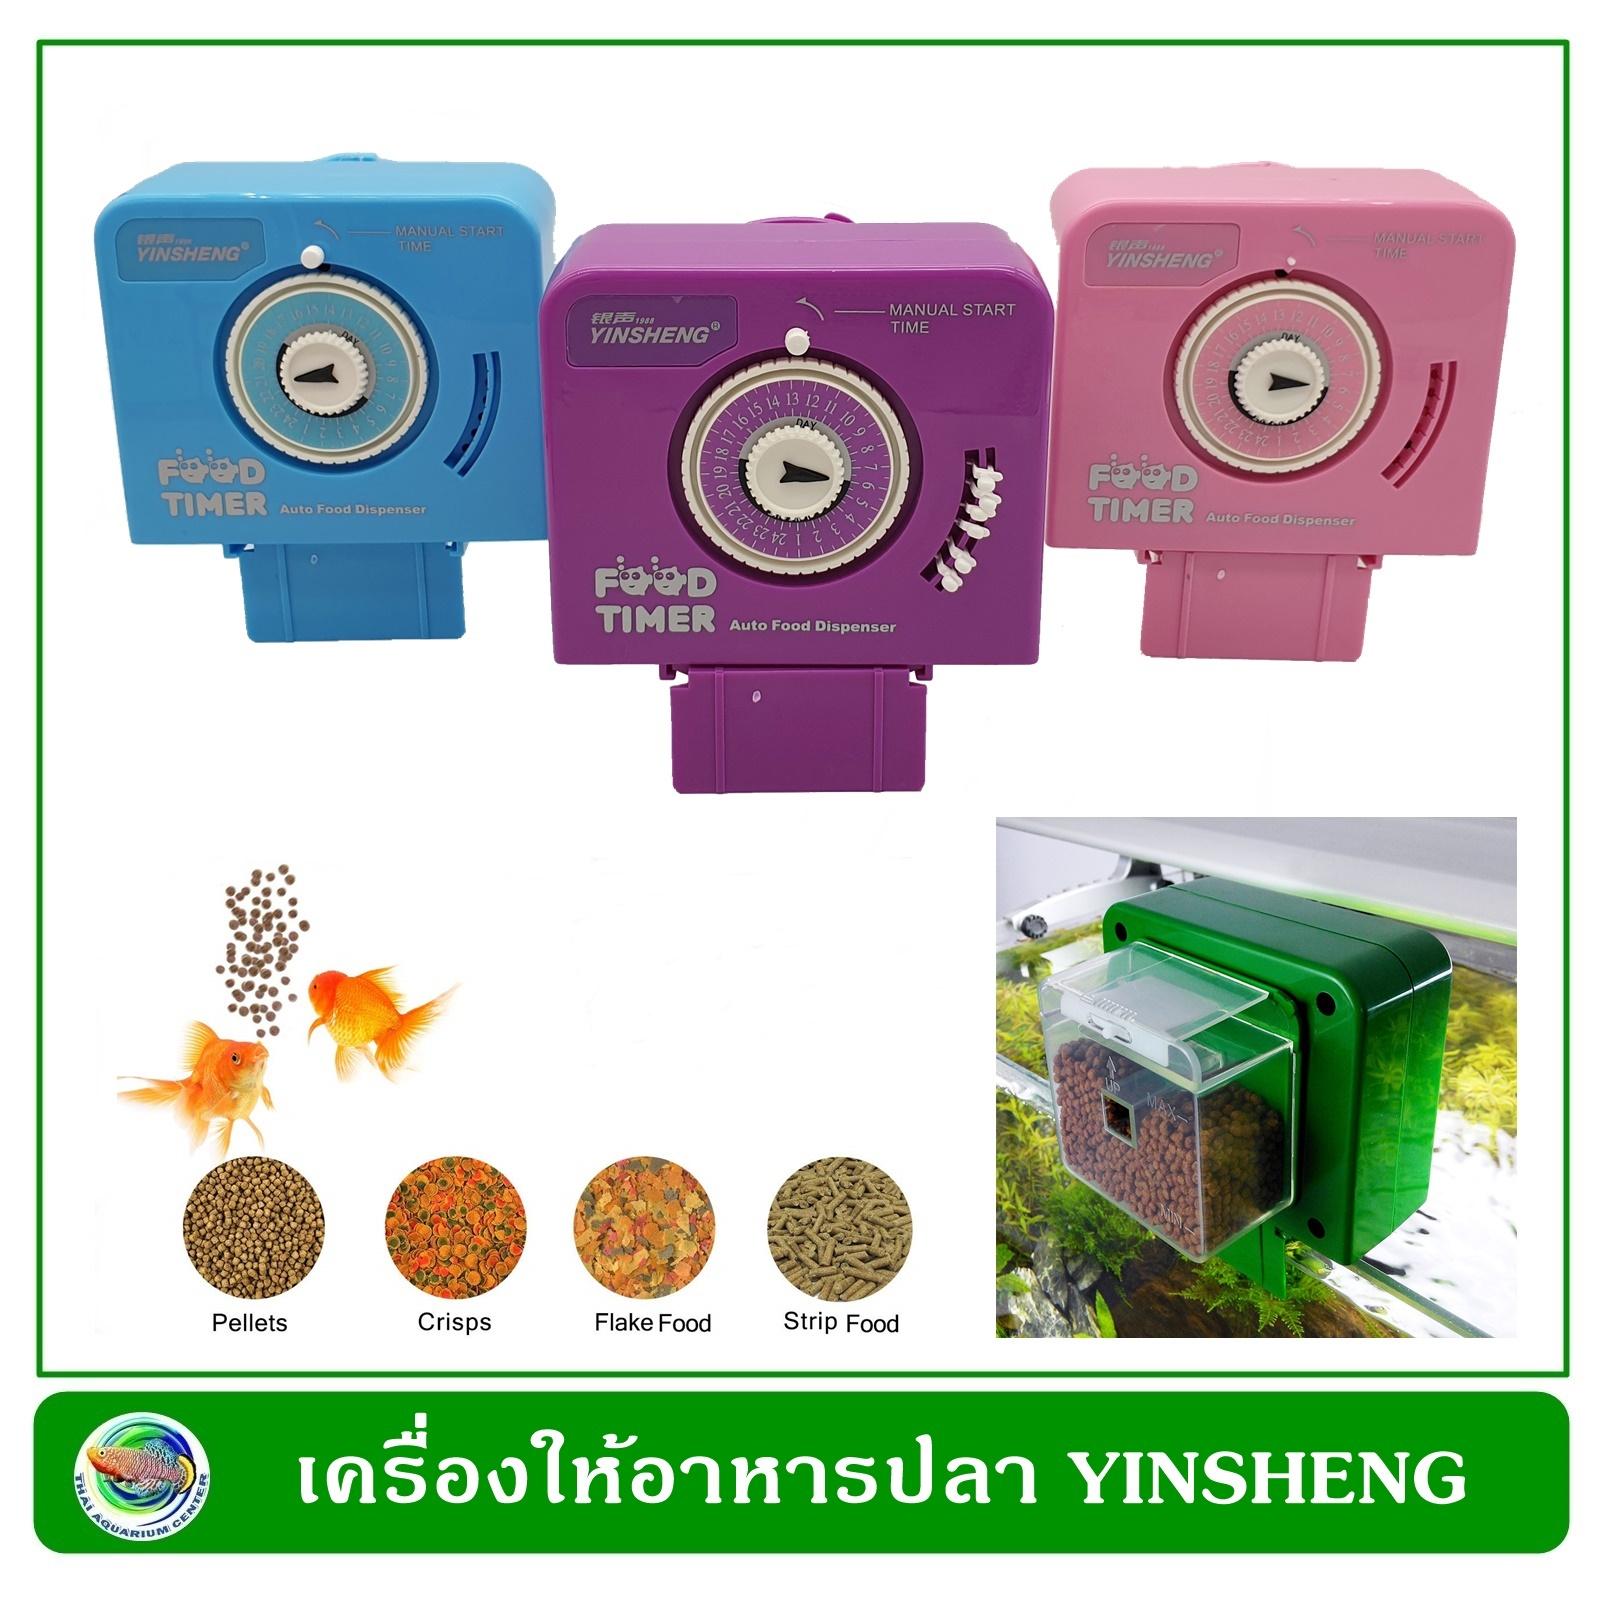 เครื่องให้อาหารปลา Yinsheng สีชมพู/สีฟ้า/สีเขียว สำหรับติดขอบตู้ปลา Food Timer/Auto Feeder